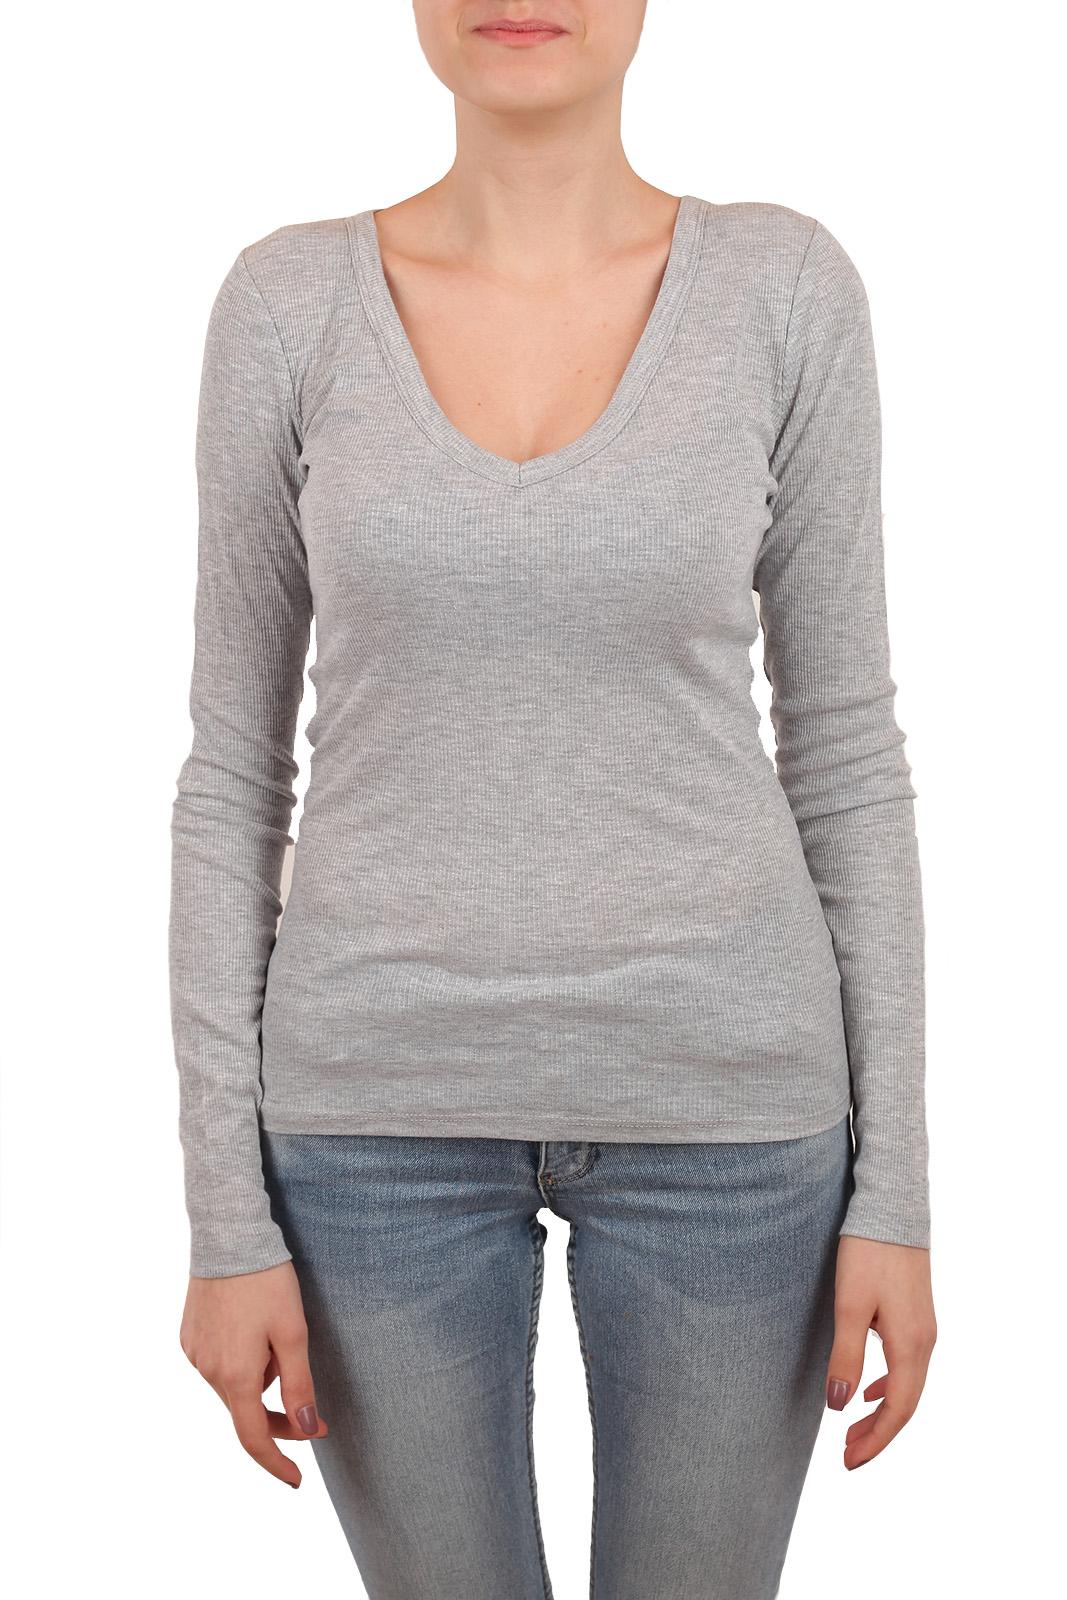 Купить недорогого серую женскую кофту от ТМ Cotton on